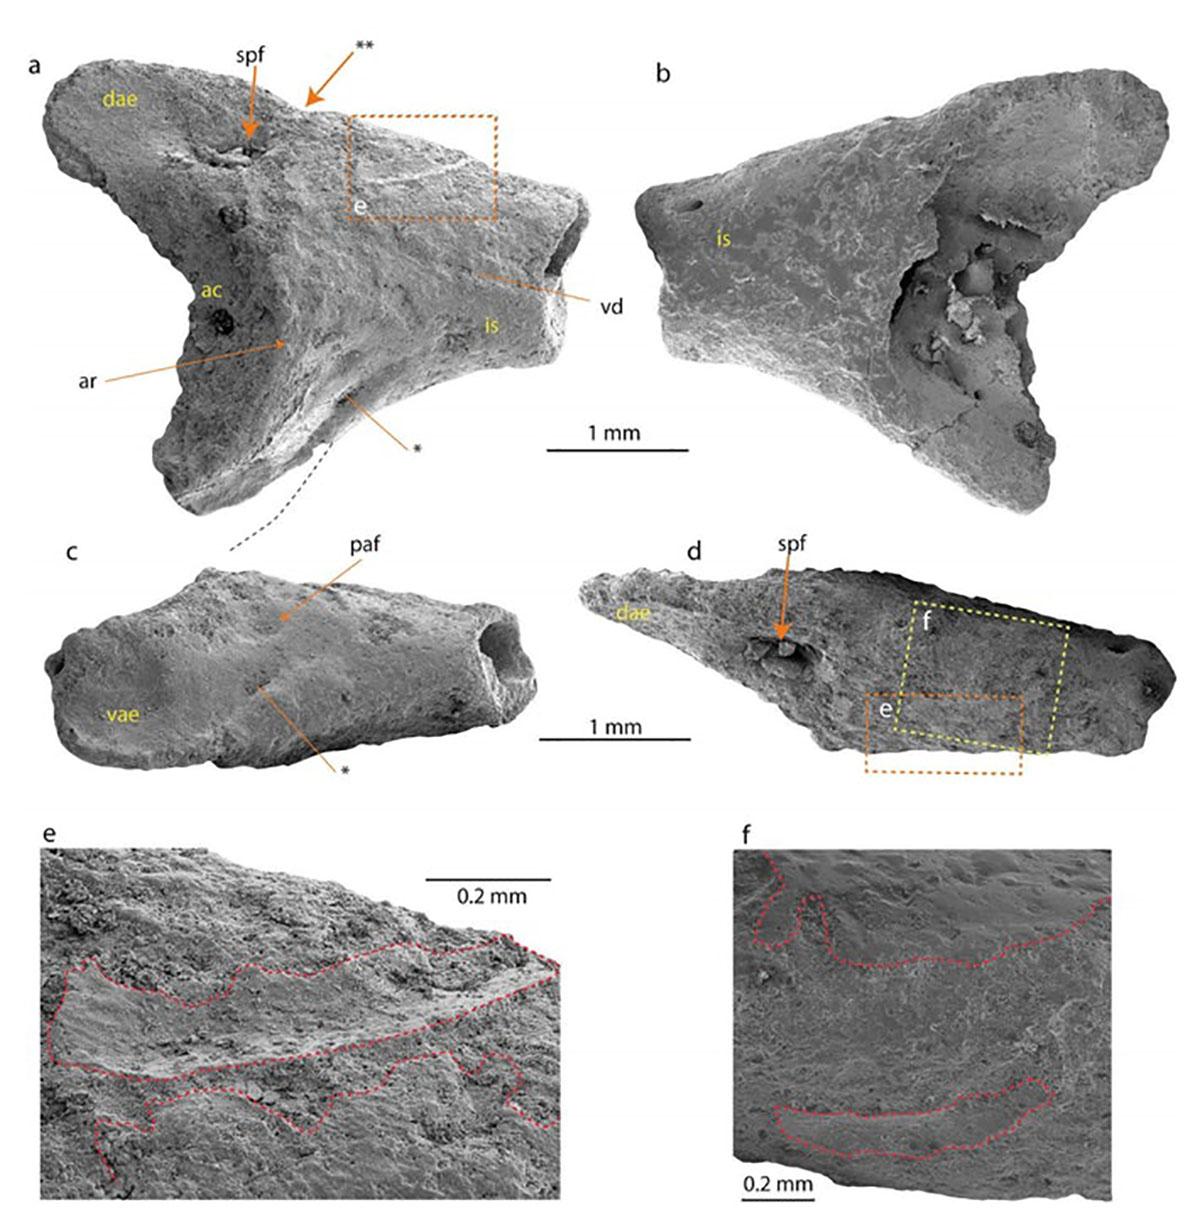 Crânio fossilizado de um sapo encontrado na Antártica. (Imagem: Thomas Mörs)